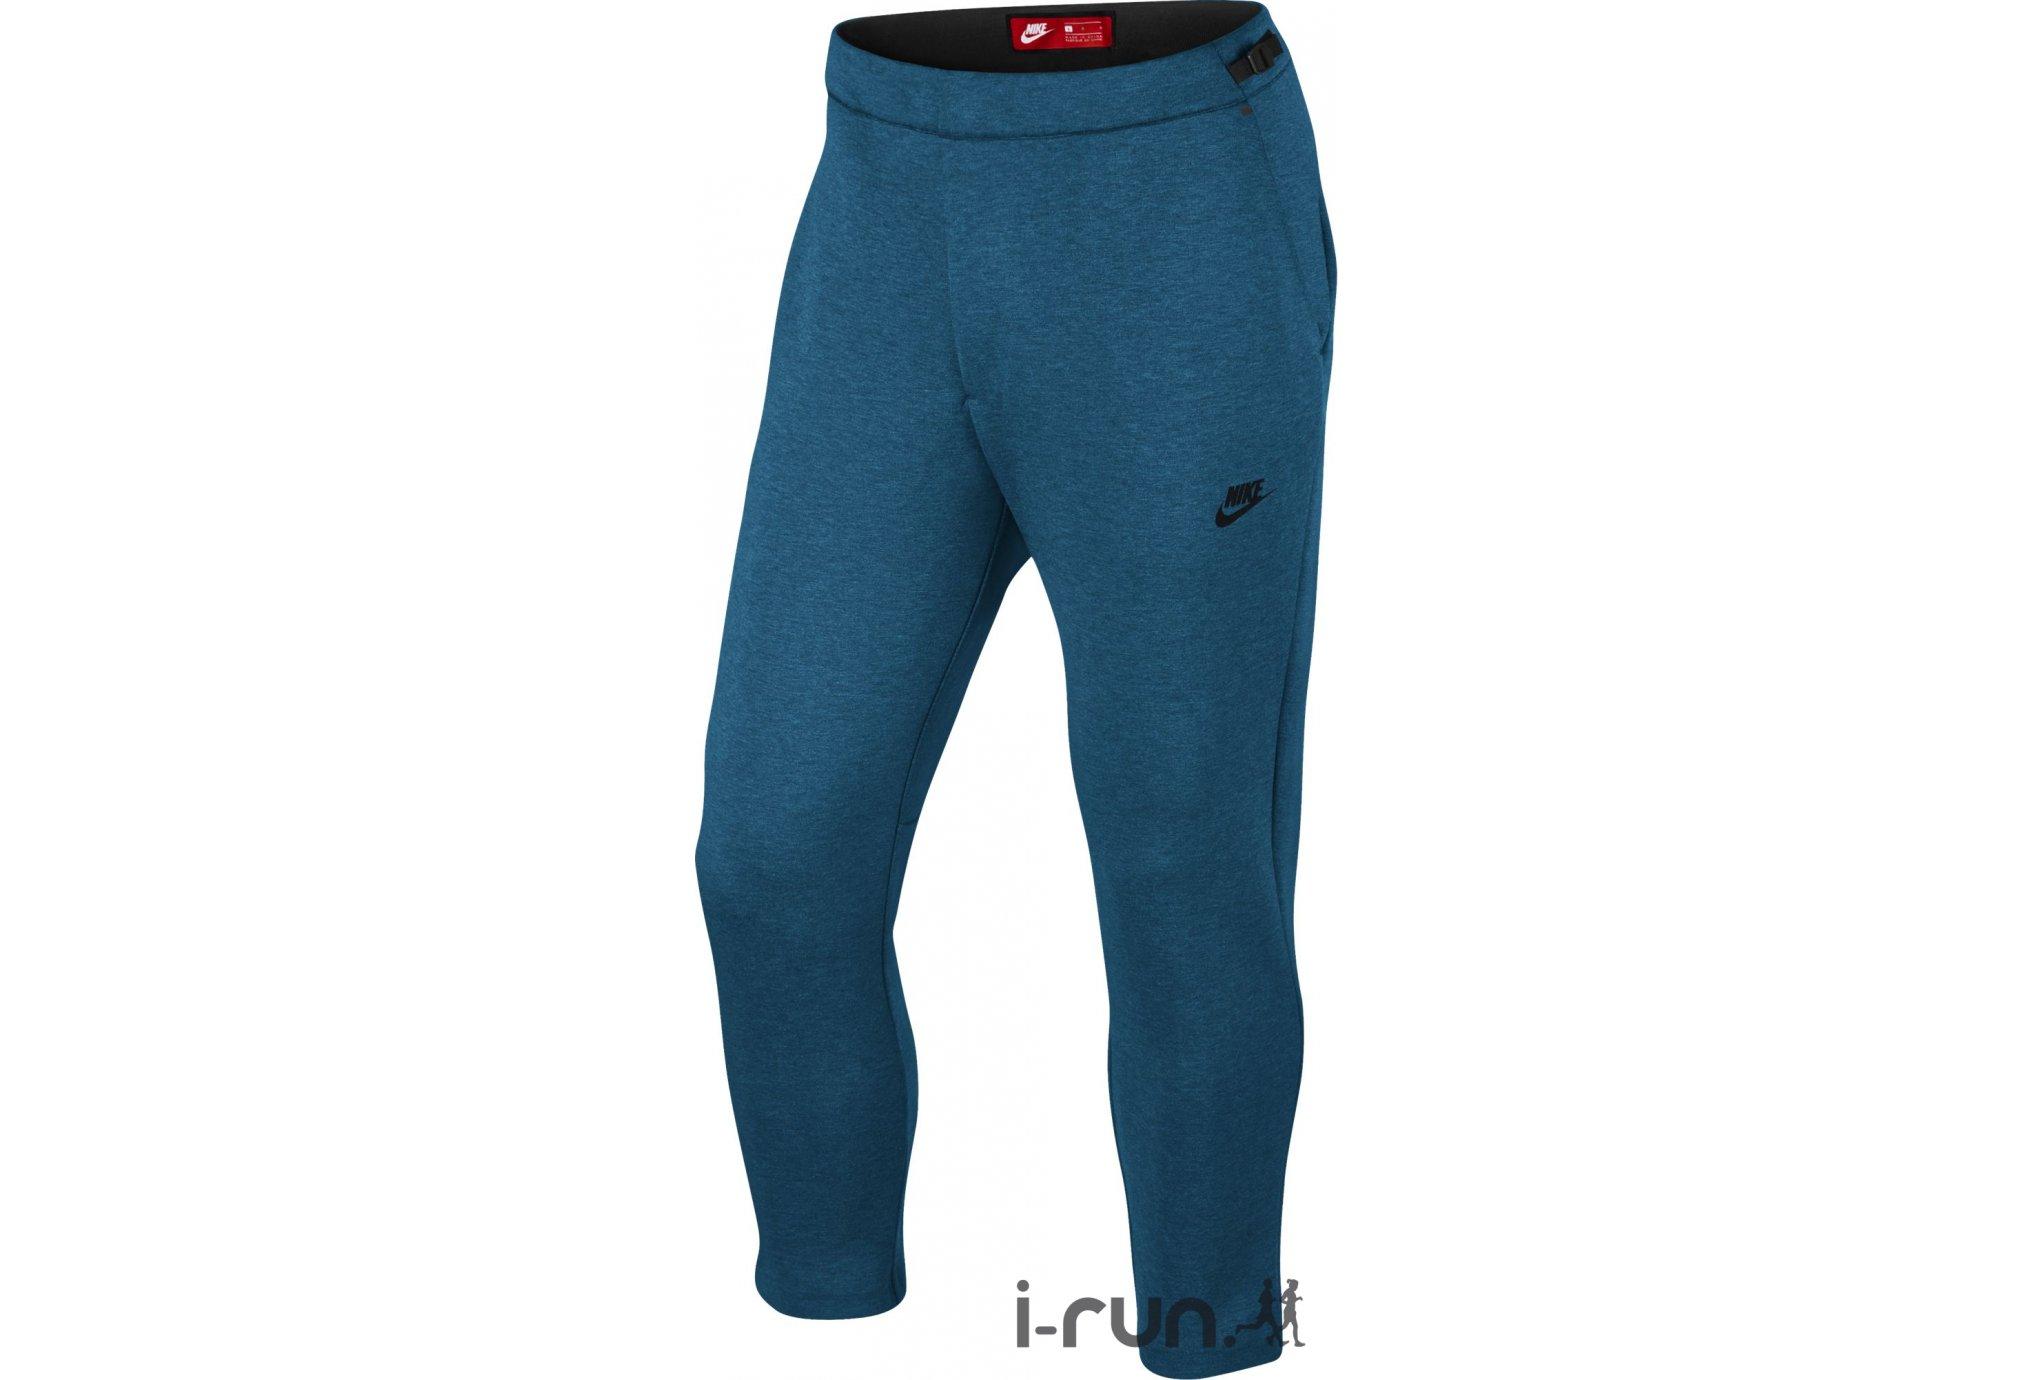 Nike Pantalon Tech Fleece M vêtement running homme